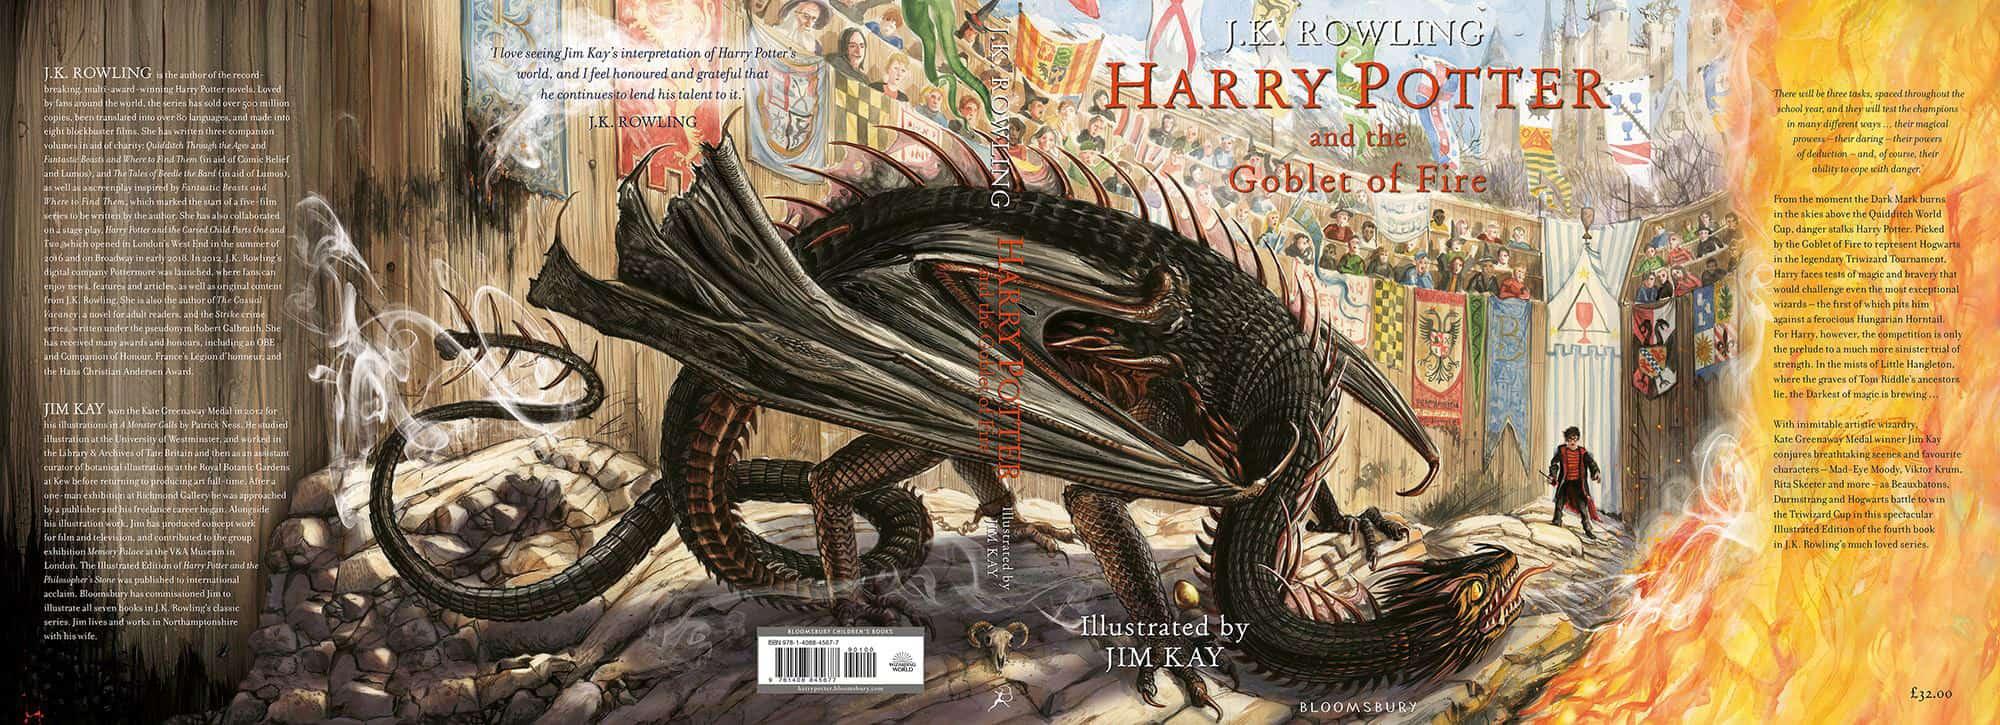 Potterish :: Harry Potter, o Ickabog, Animais Fantásticos e JK Rowling Chegada de Beauxbatons ilustrada por Jim Kay ganha prévia na internet